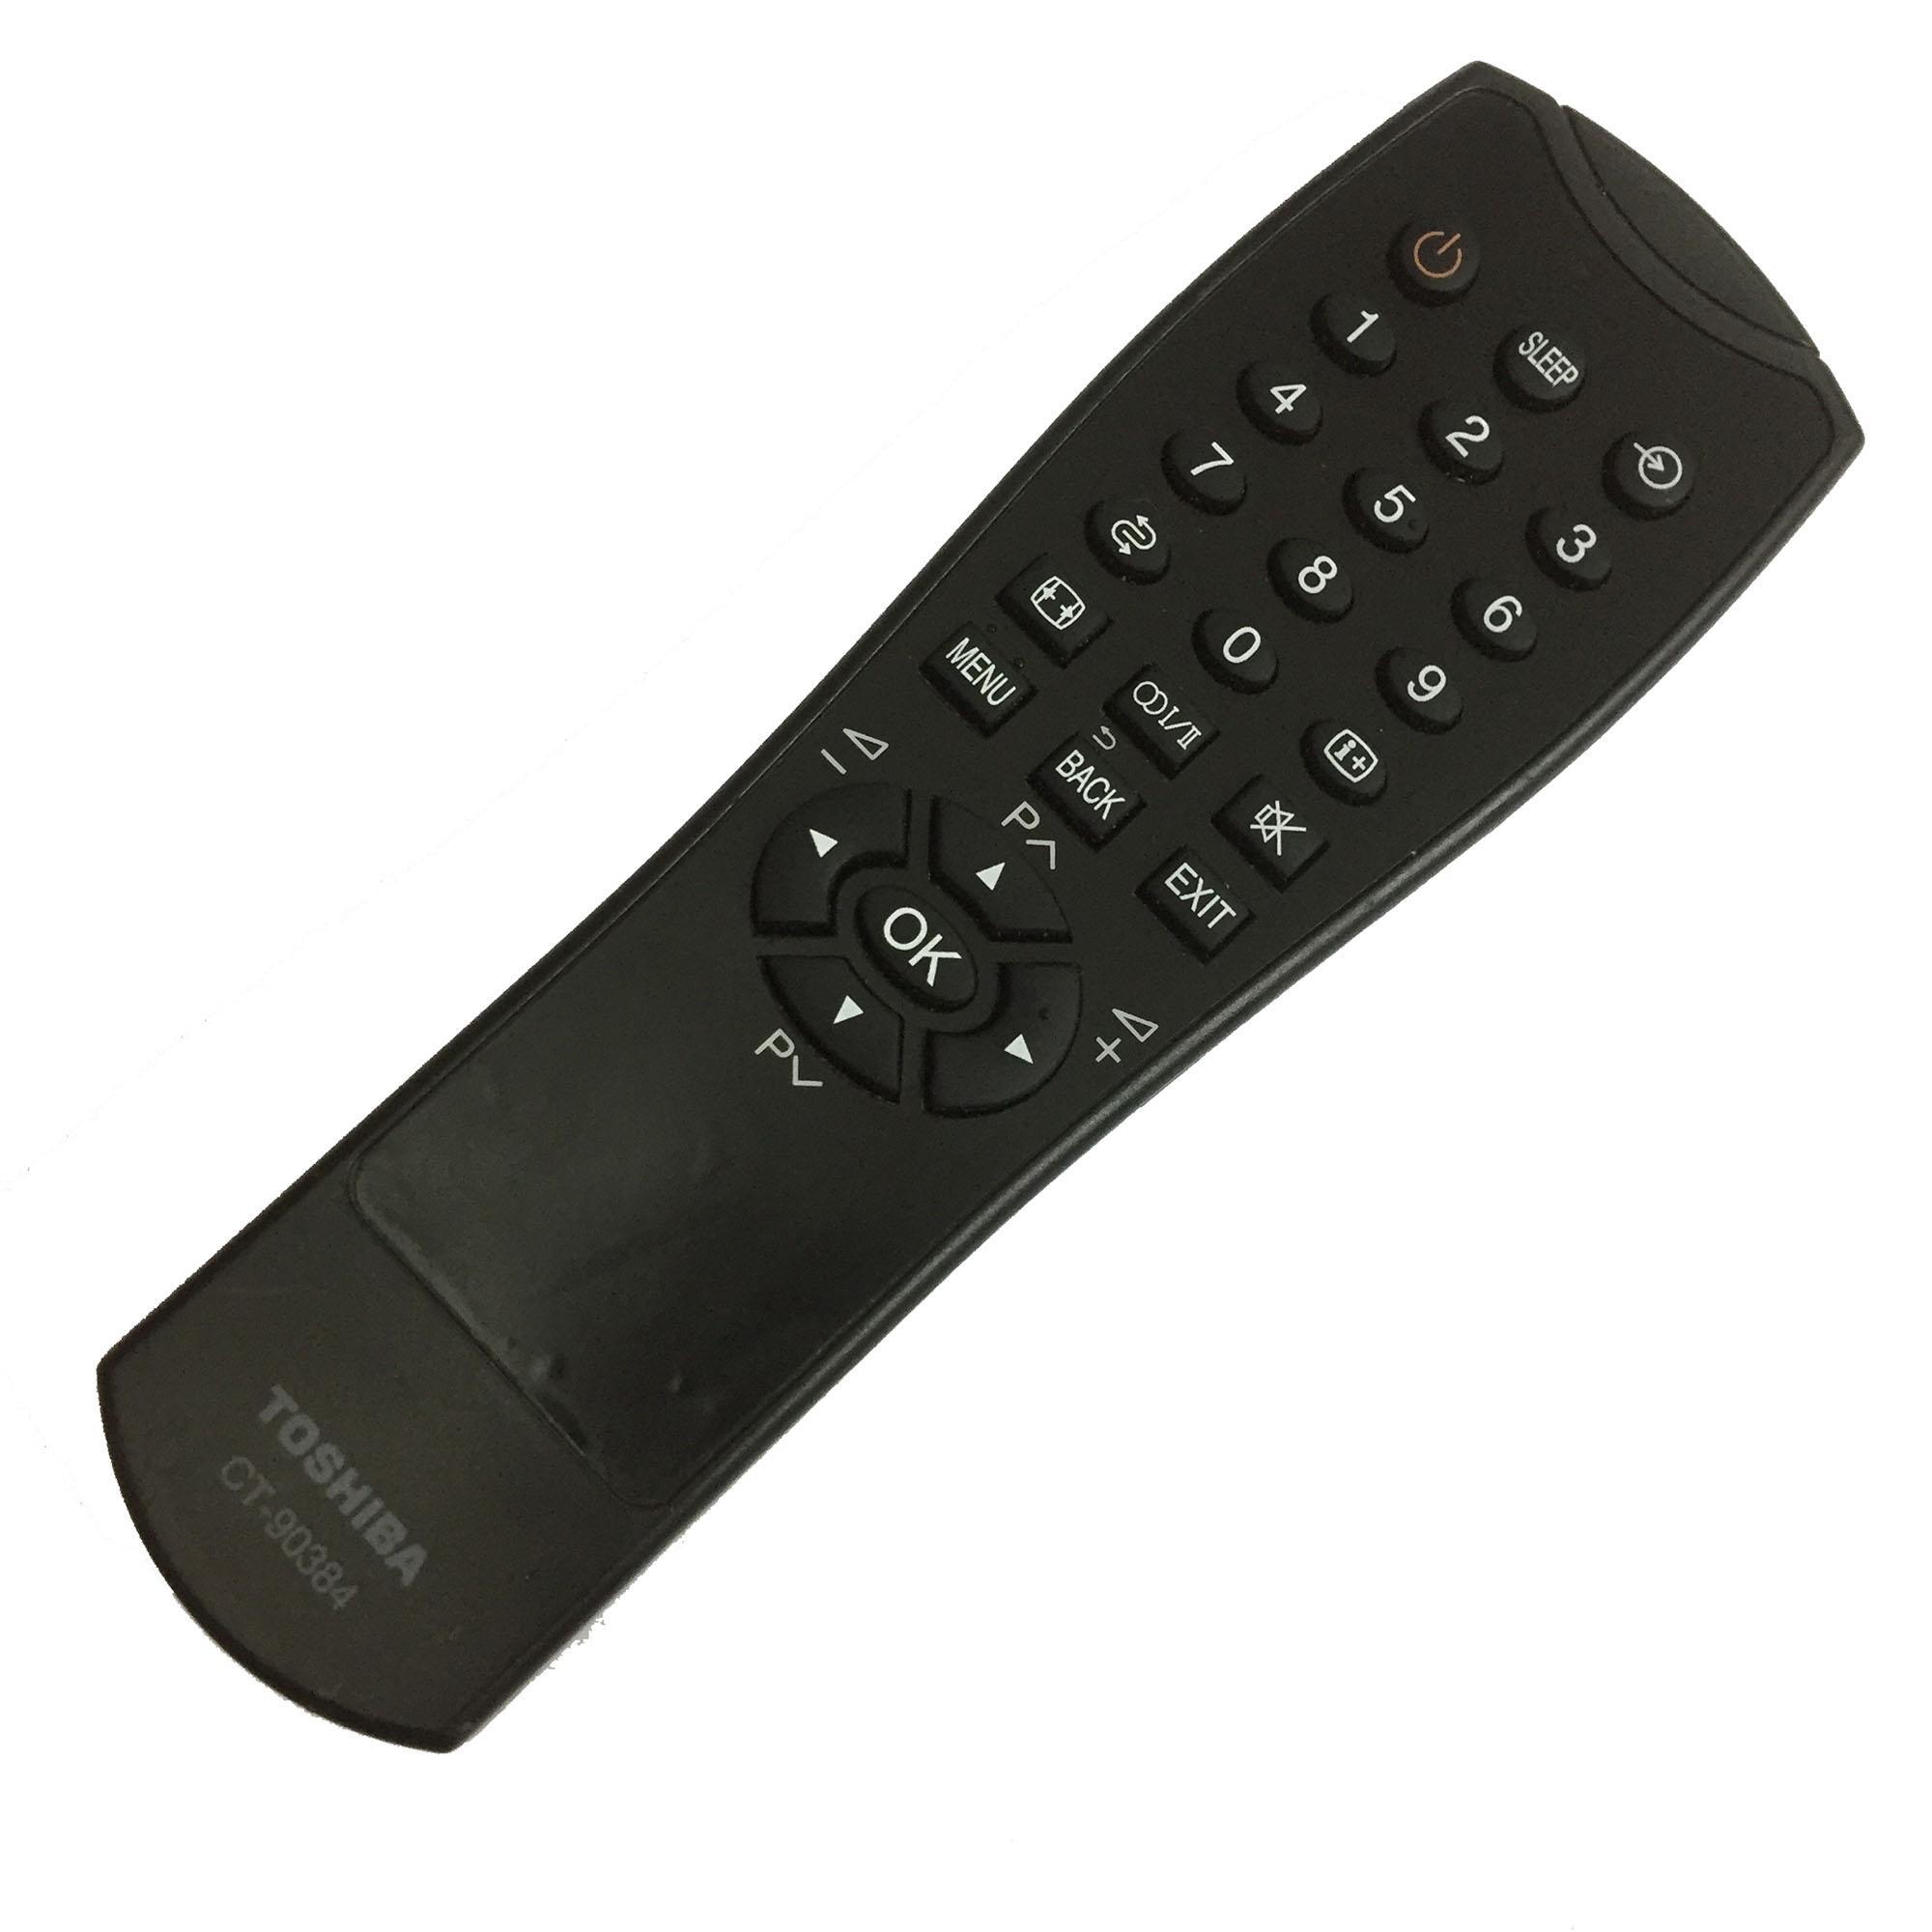 Bảng giá Điều khiển tivi TOSHIBA LCD CT-90384  (đen)